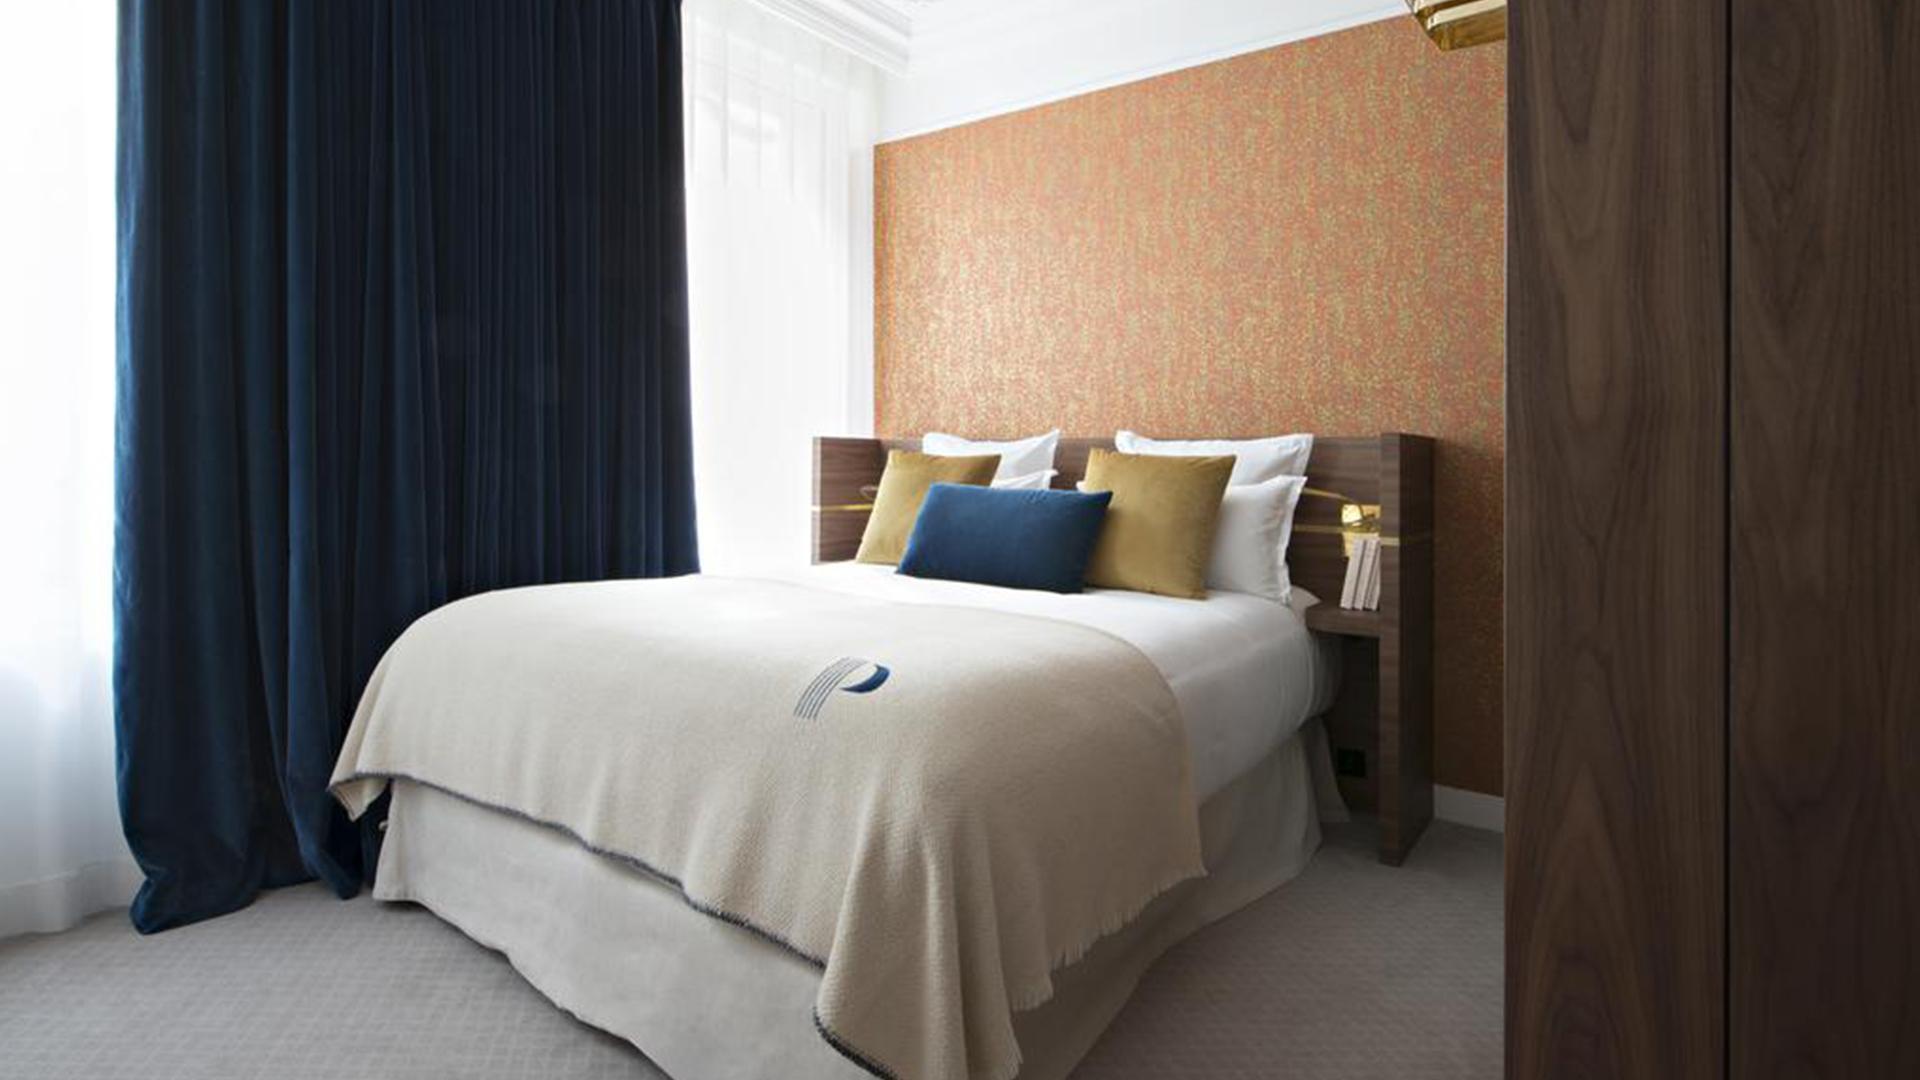 Superior Room image 1 at Hotel Parister by Arrondissement de Paris, Île-de-France, France